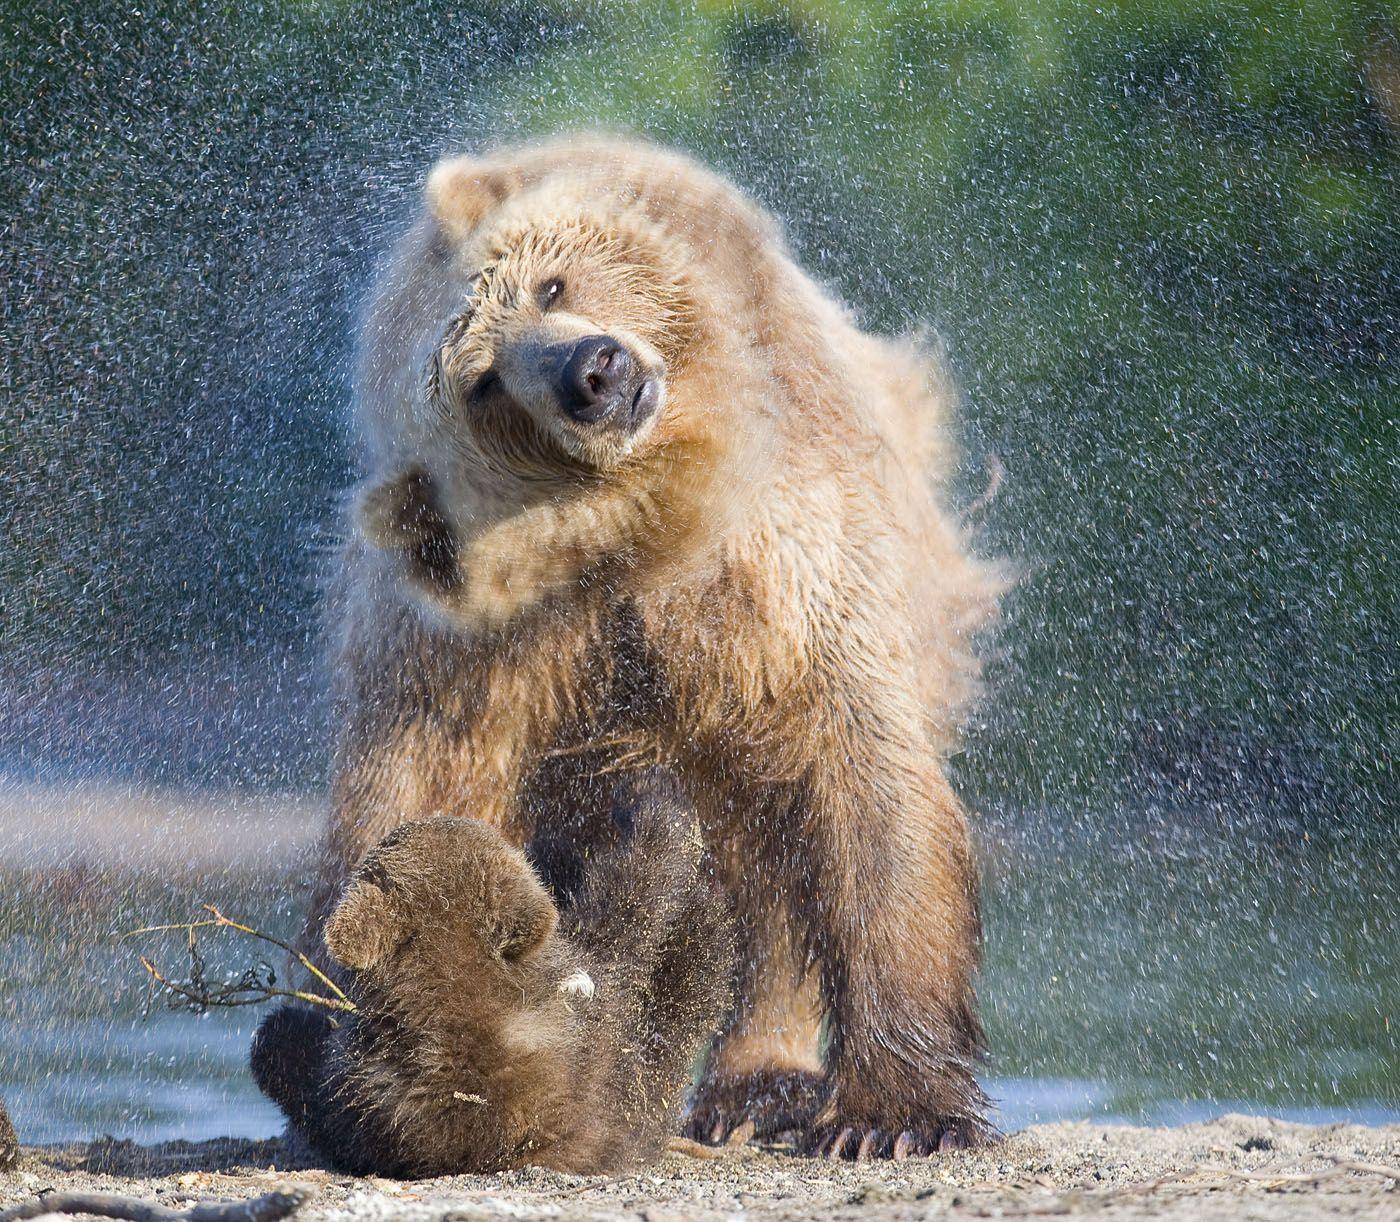 камчатка , южно-камчатский заказник , бурый медведь, сергей иванов,дикая природа, Сергей Иванов